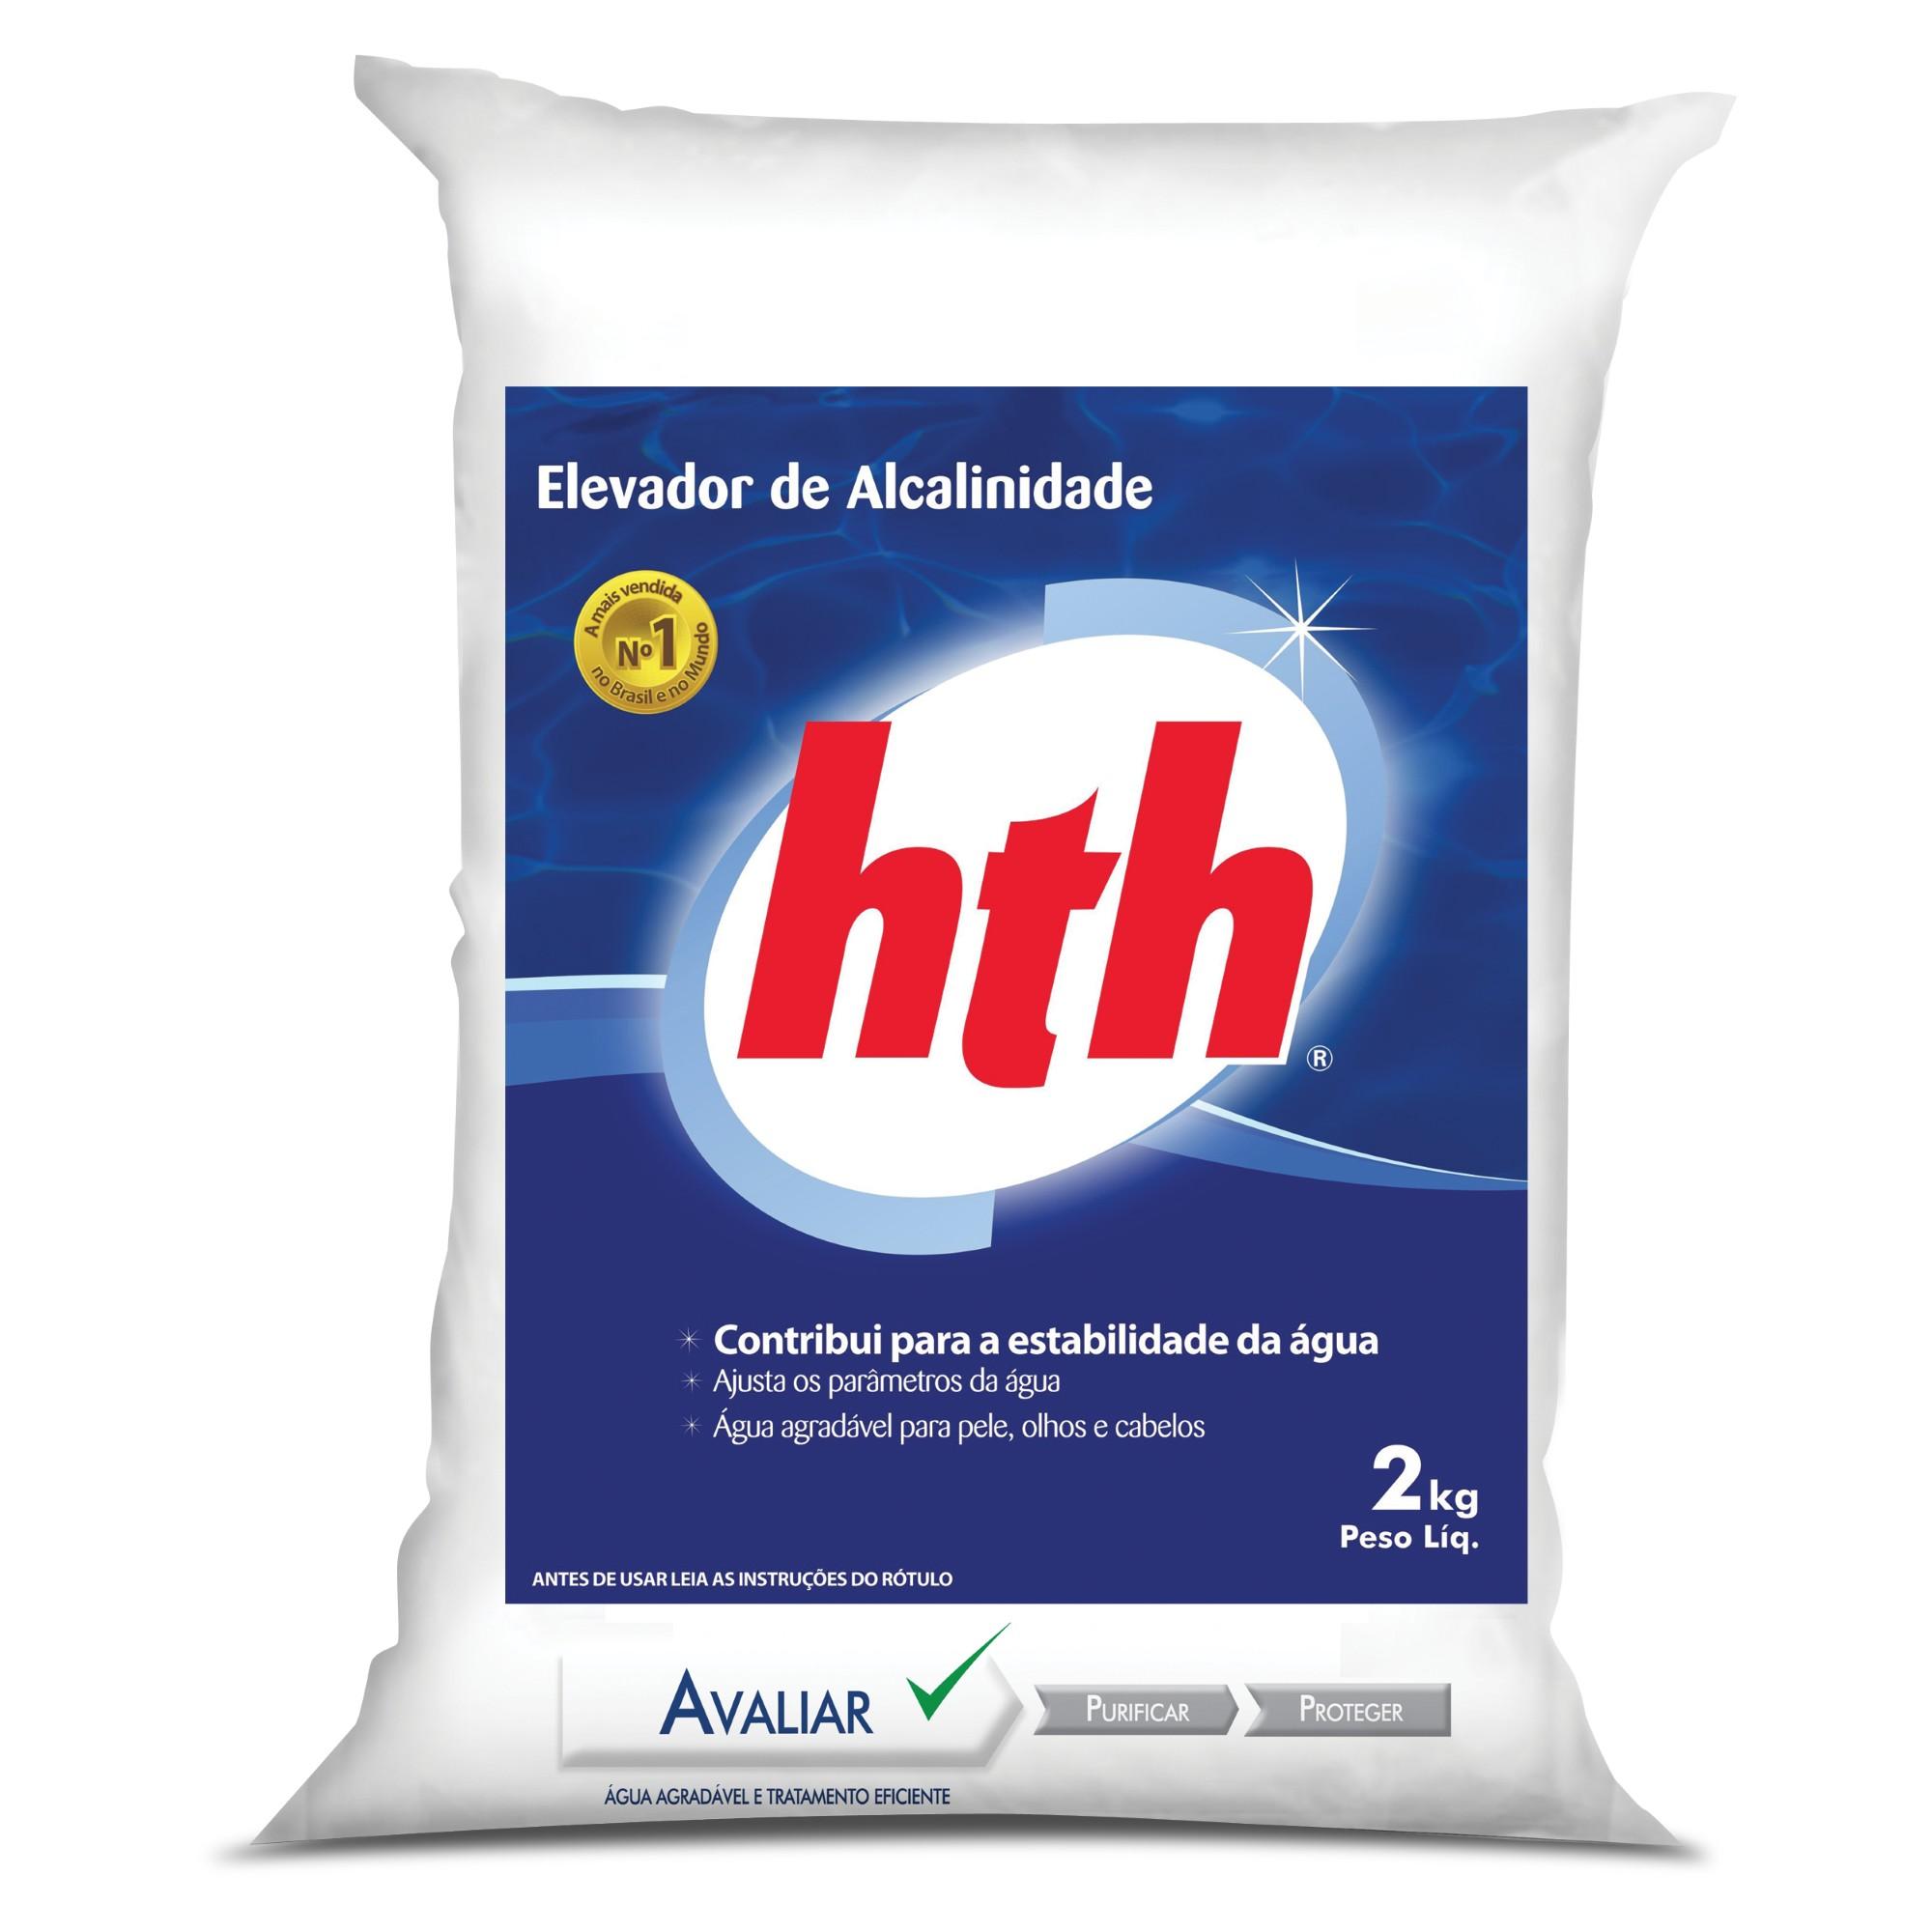 Elevador de Alcalinidade 20kg Contribui para Estabilidade da Agua - Hth